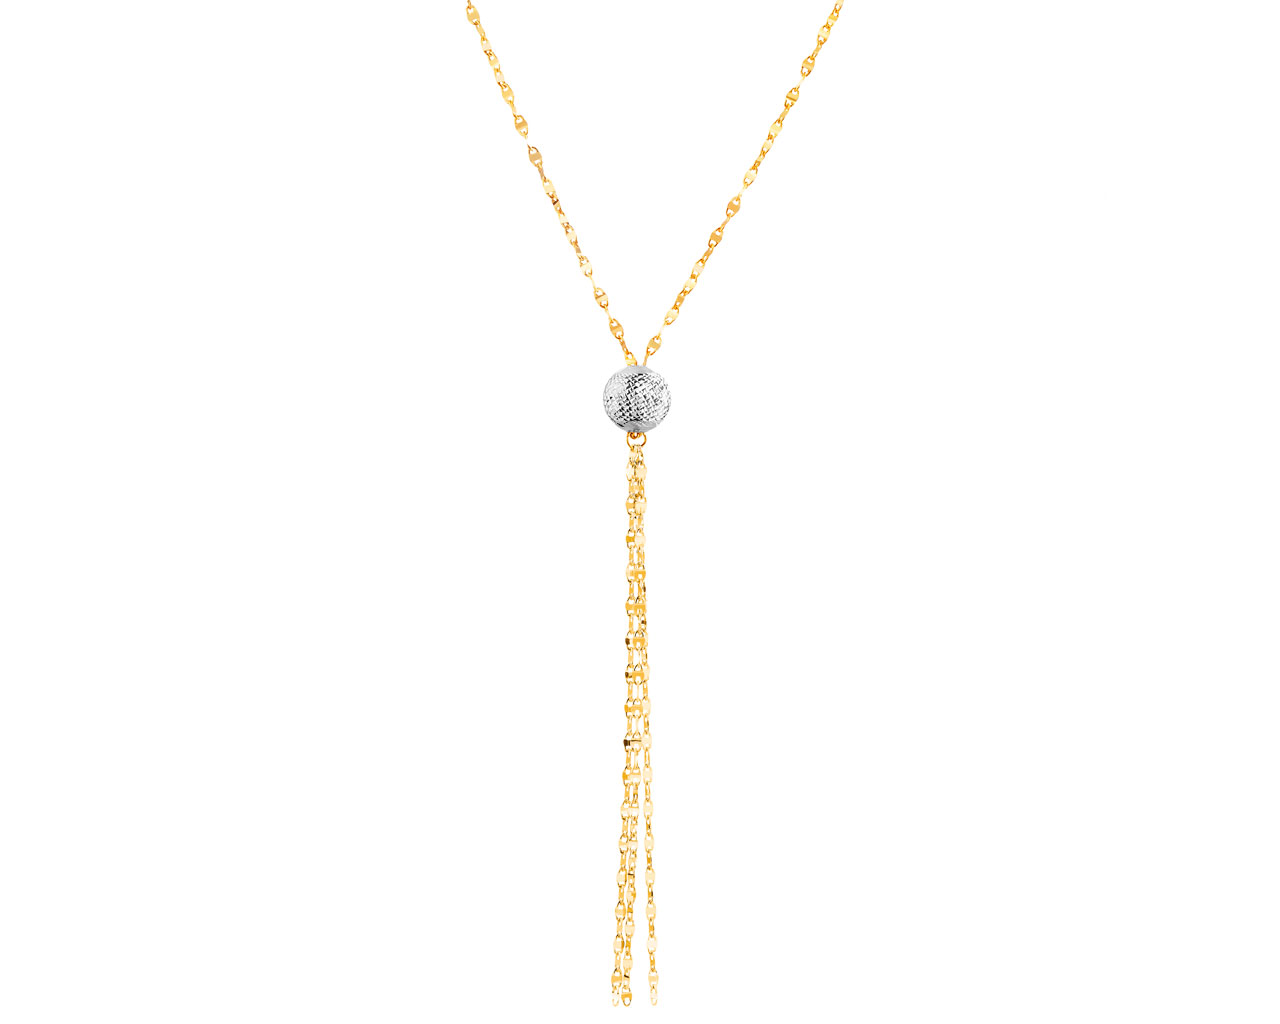 a7b5293084aa9a Złoty naszyjnik z kulką i łańcuszkami z białego zlota